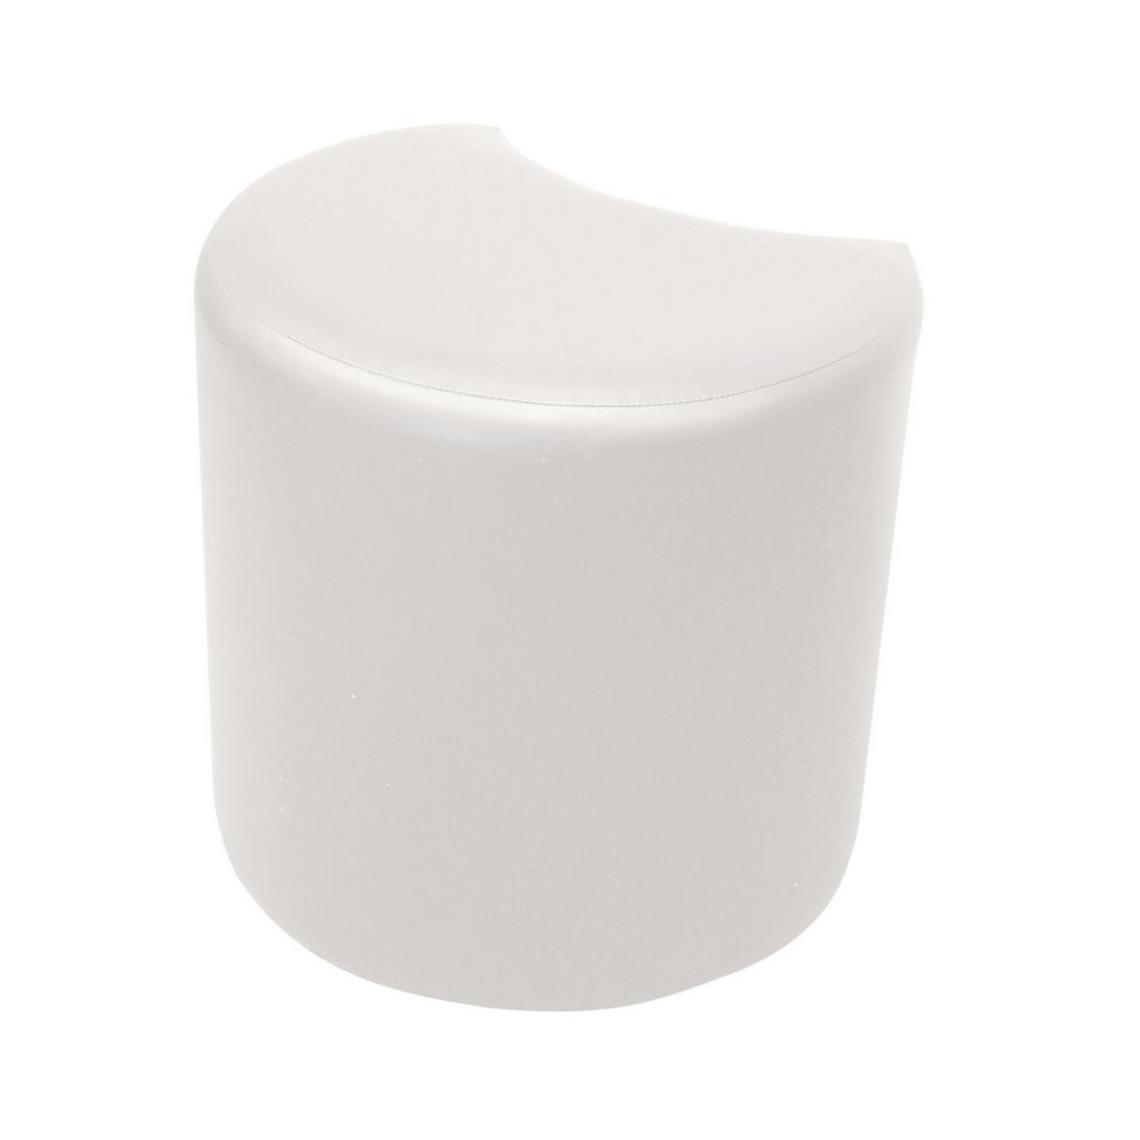 Pouf Cosy carré simili cuir blanc (100 x 100 cm)